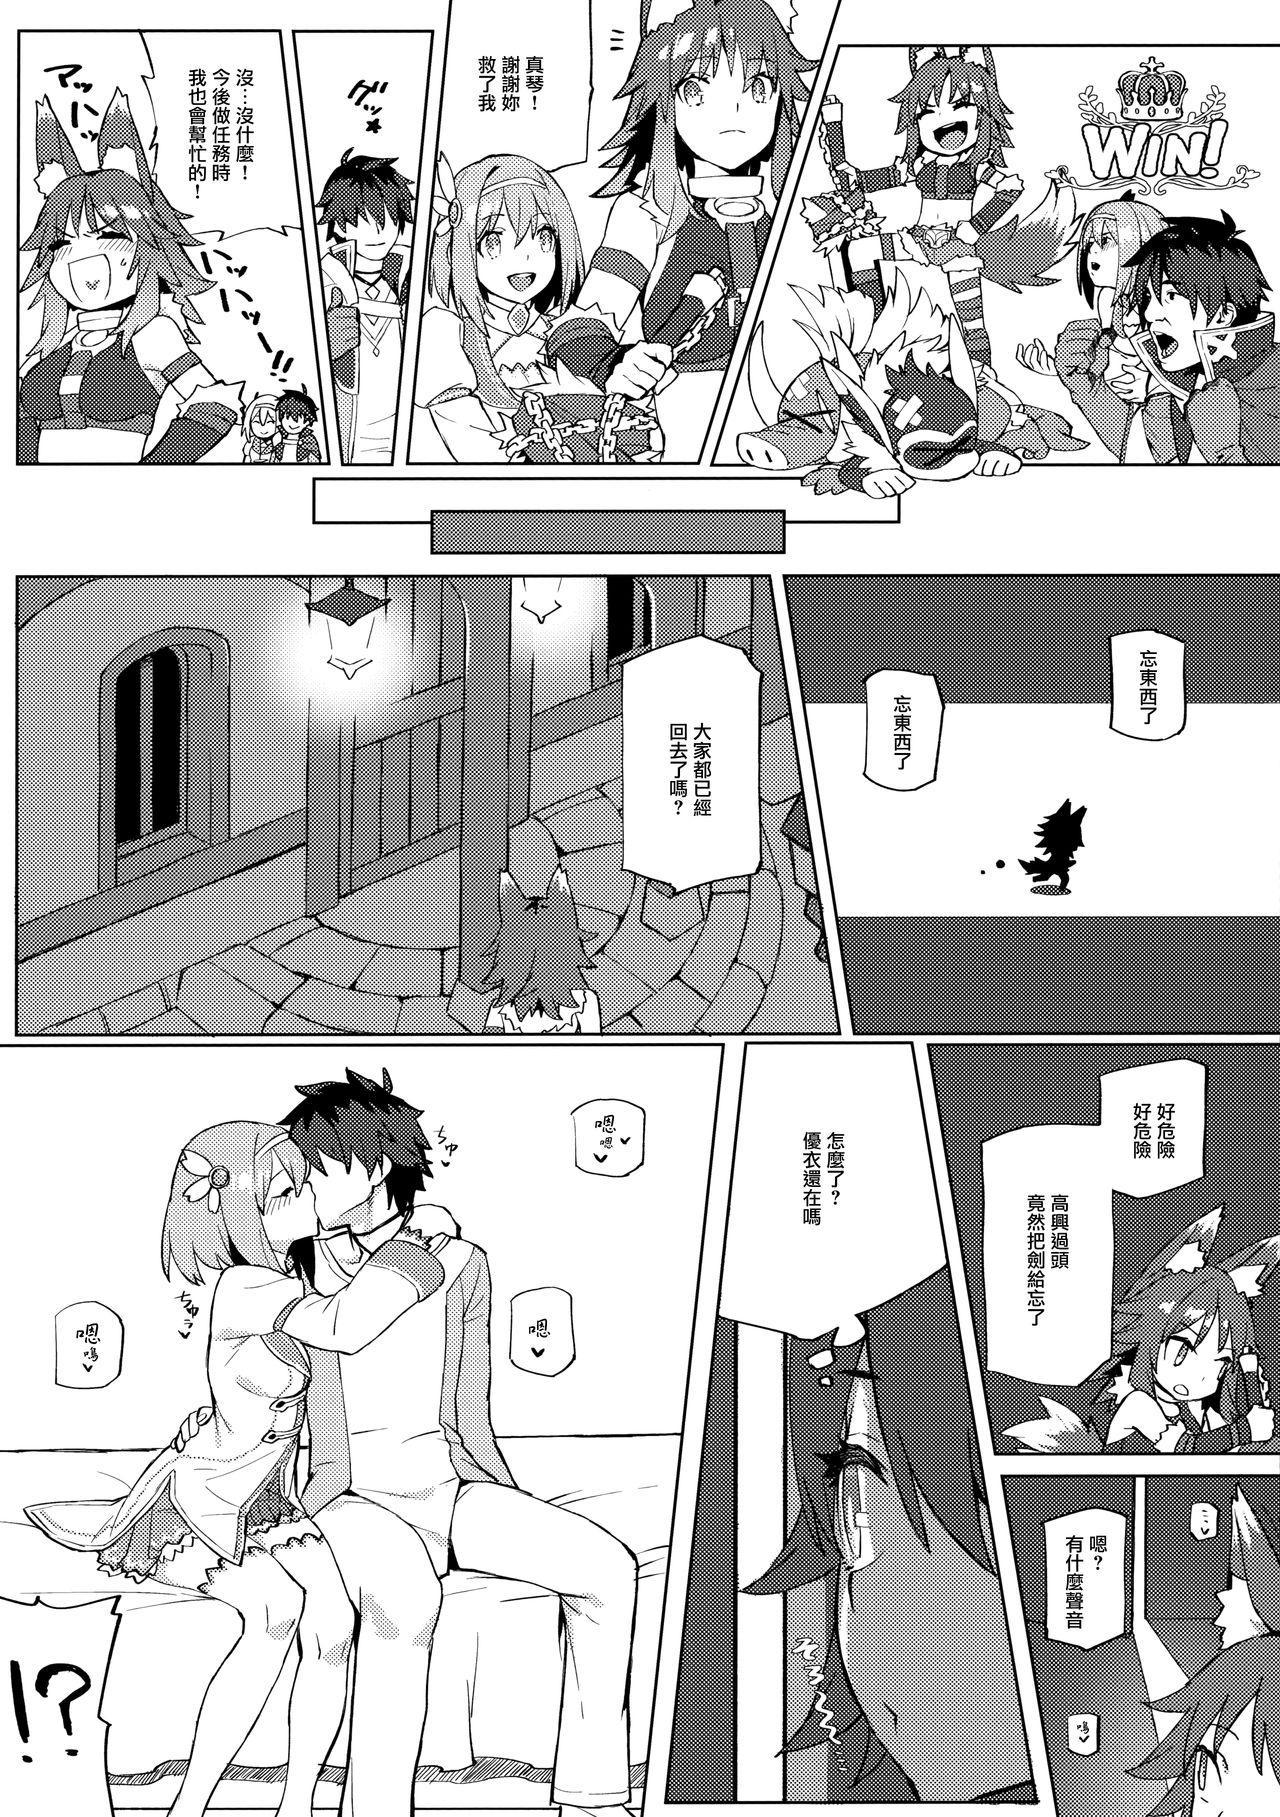 Daga Watashi wa Ayamaranai 5